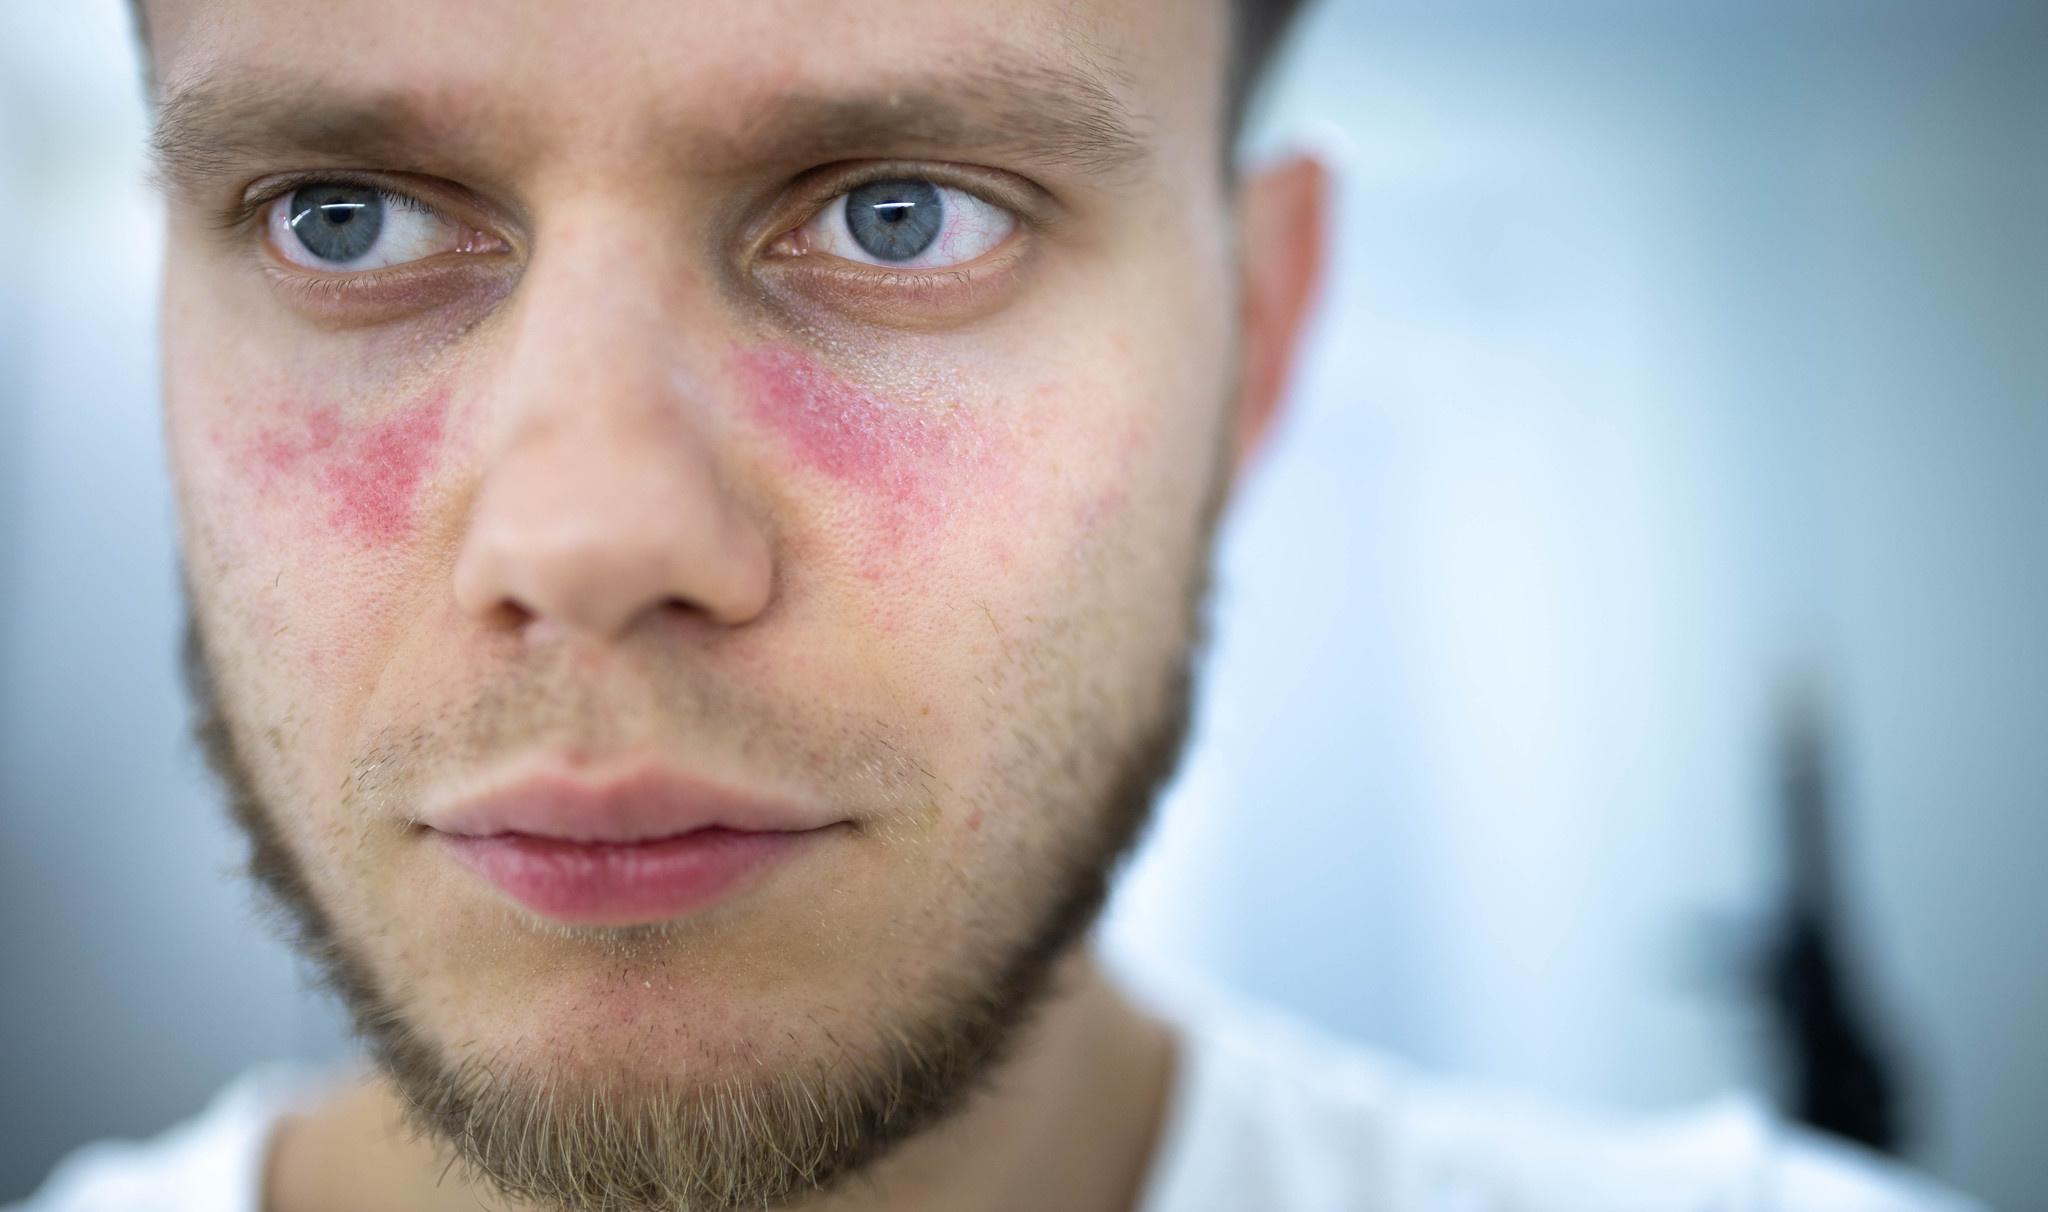 Contactallergie (in het gezicht): oorzaken en symptomen